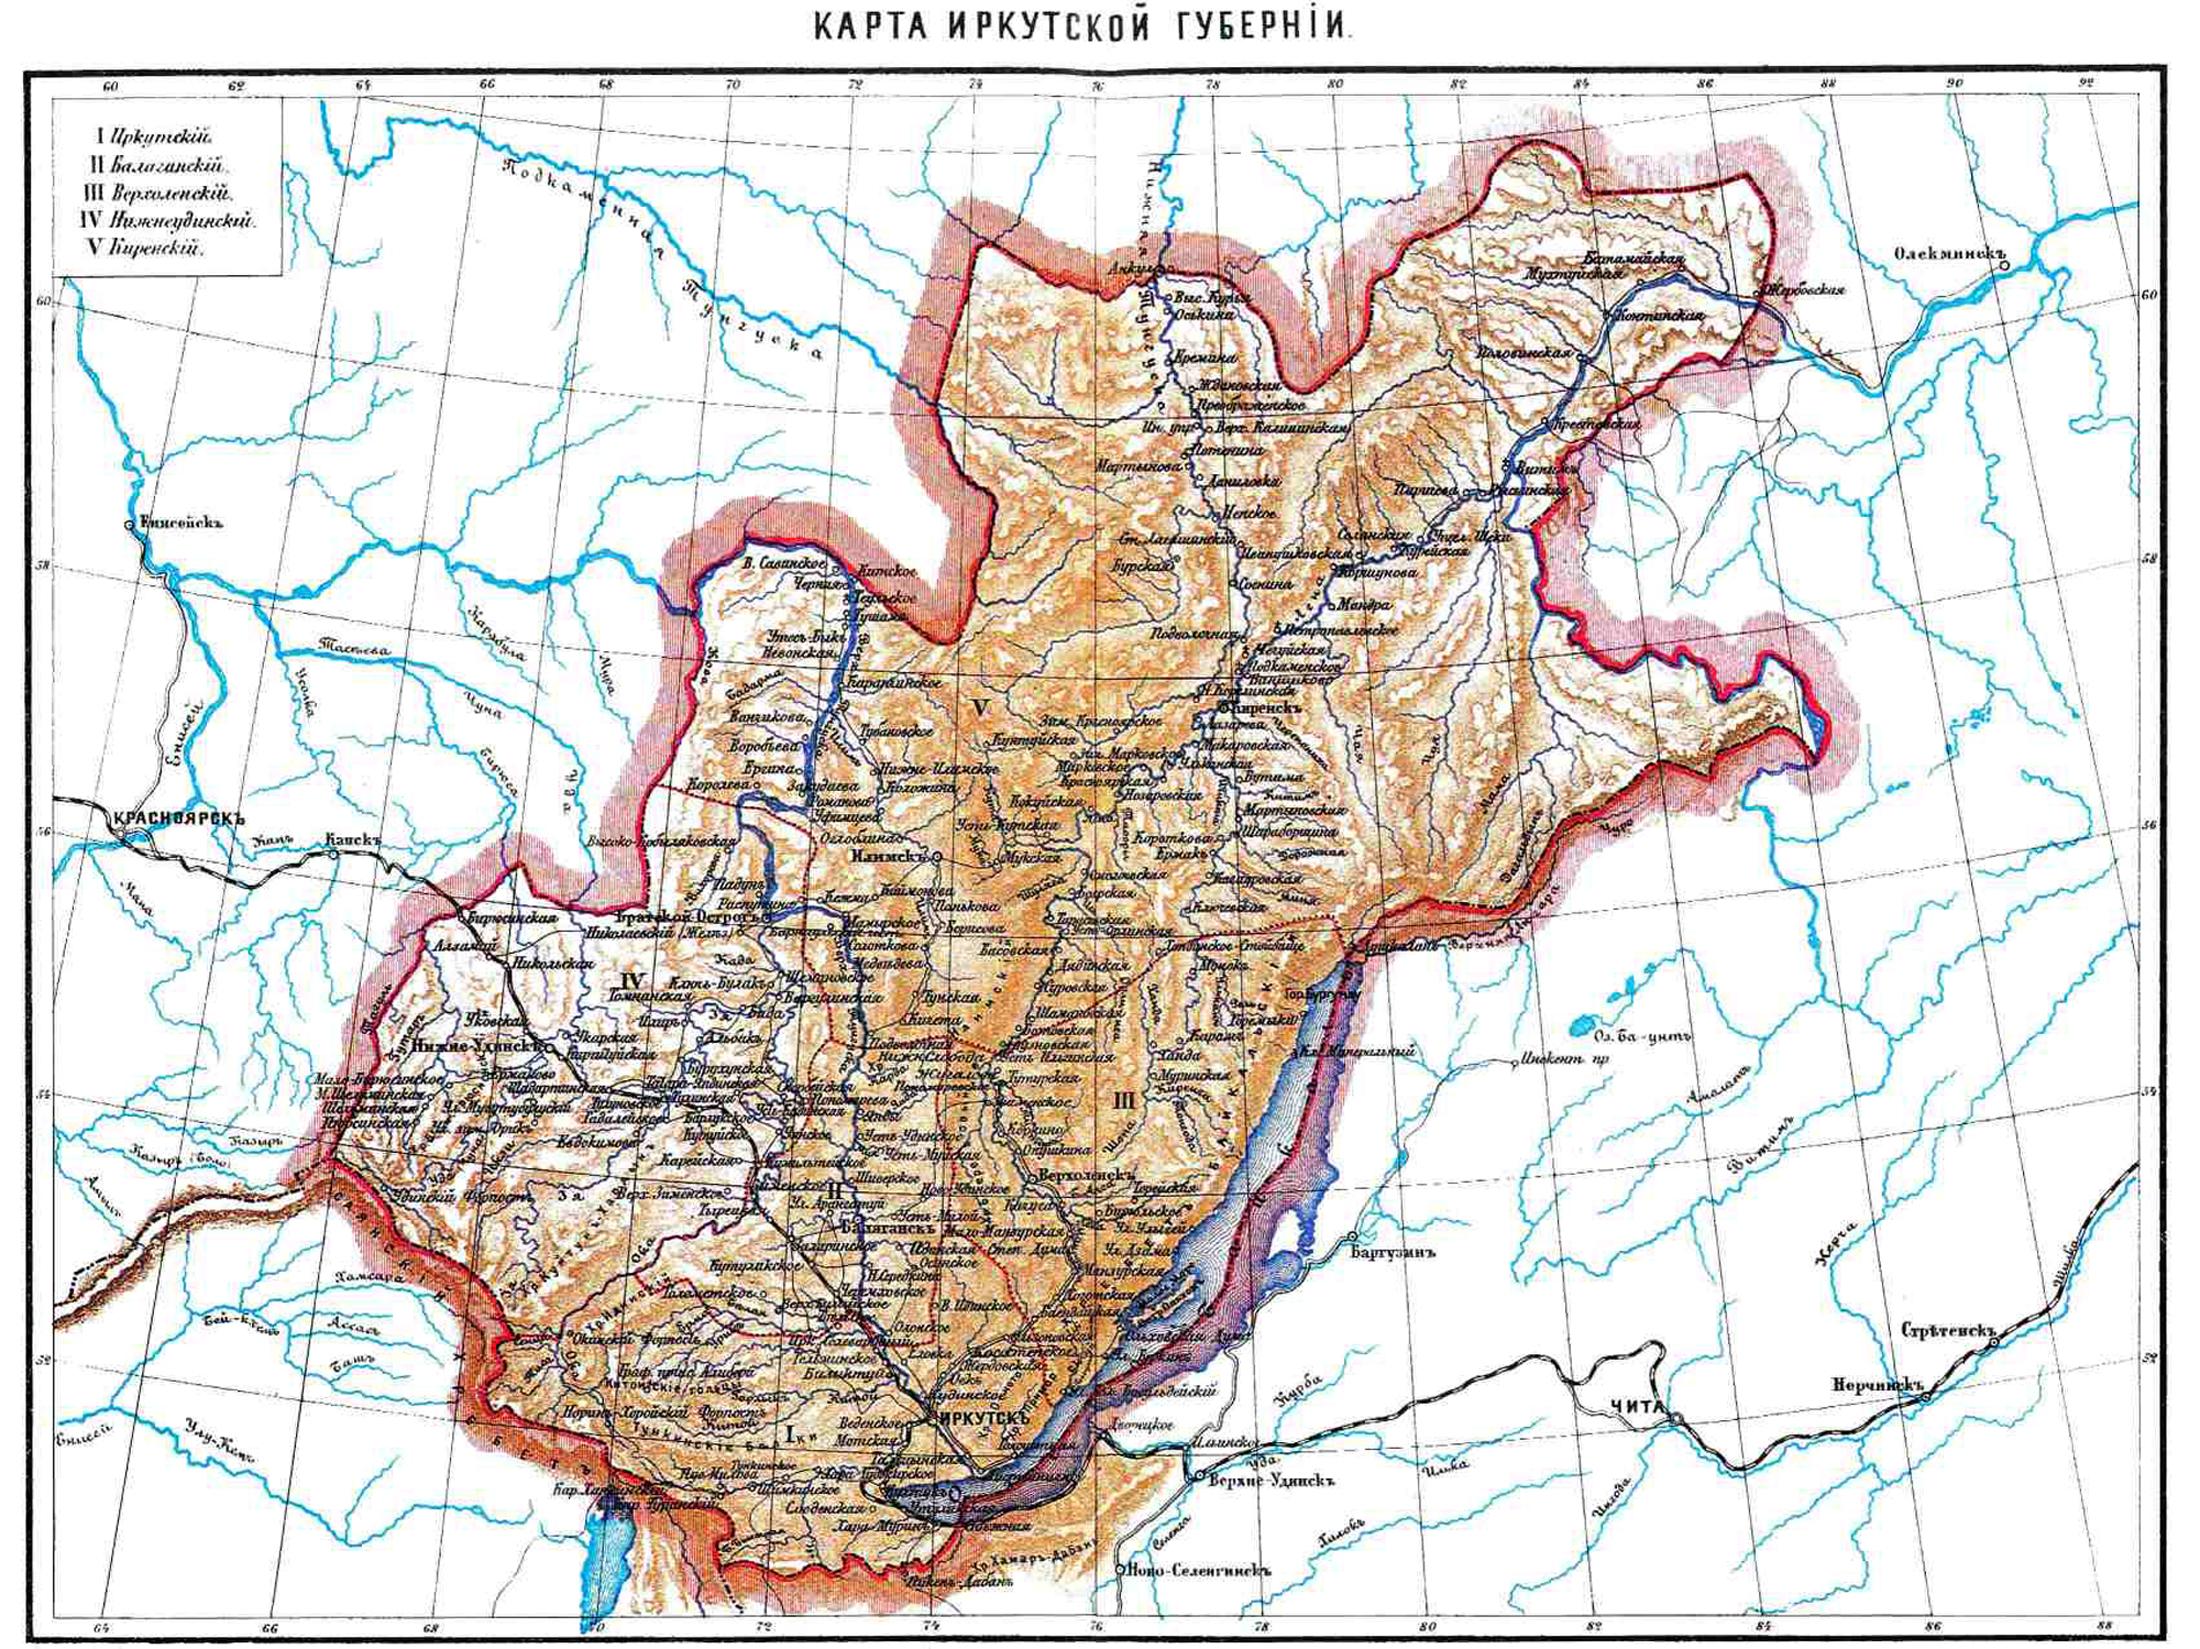 Сельские поселения иркутского района иркутской области